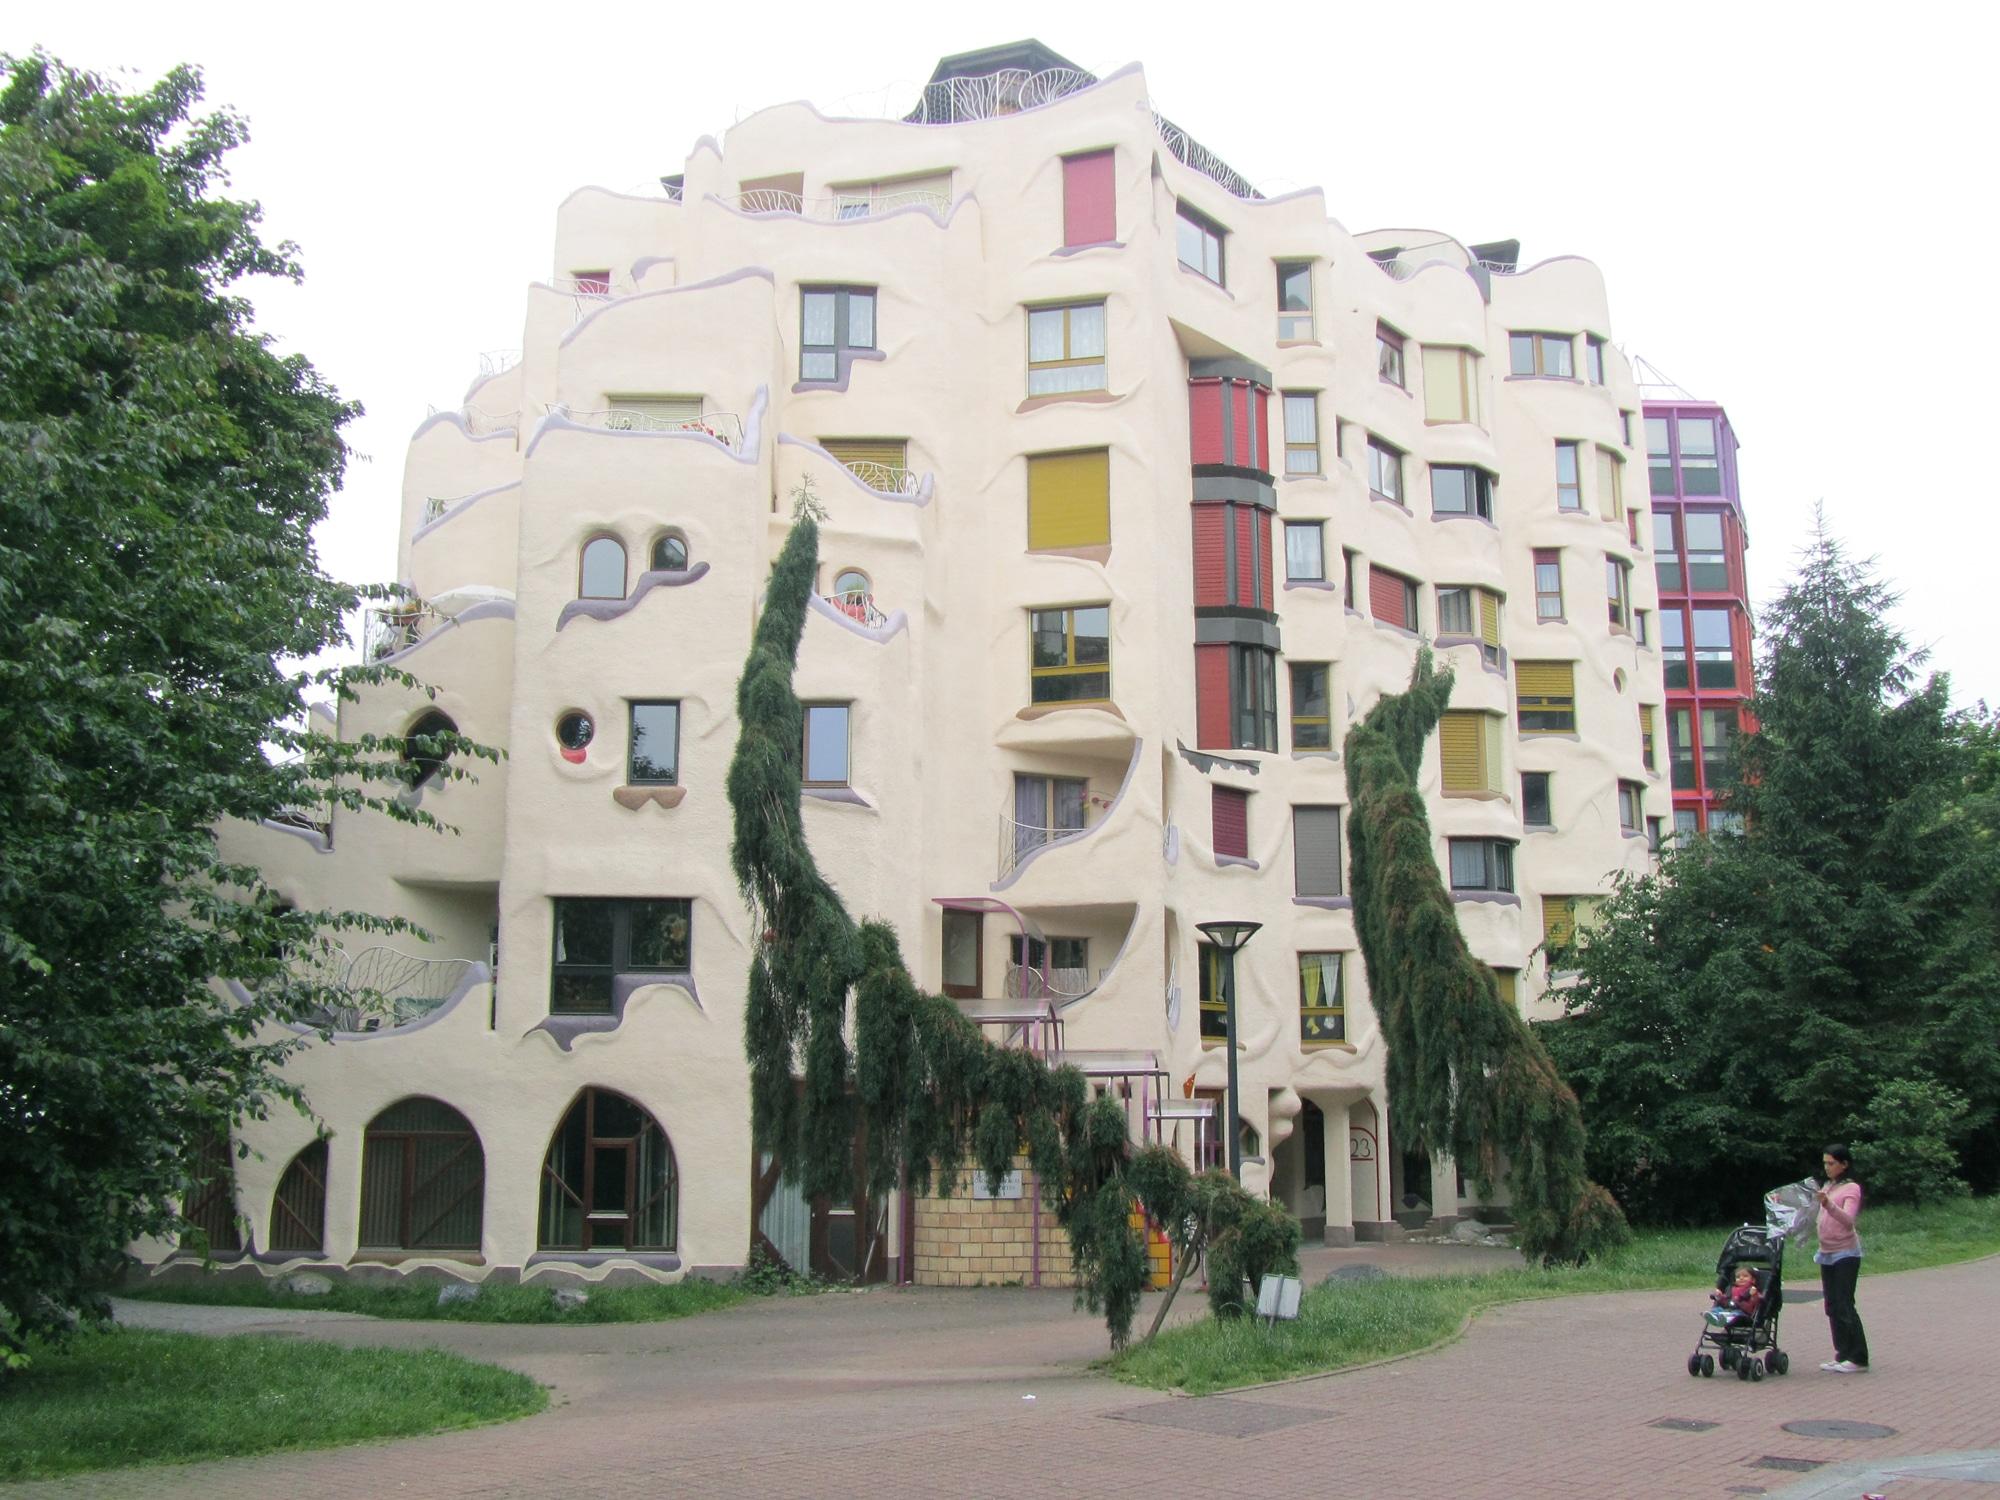 les grottes - quartier - geneve - visite - schtroumpfs - ville - insolite - urbanisme